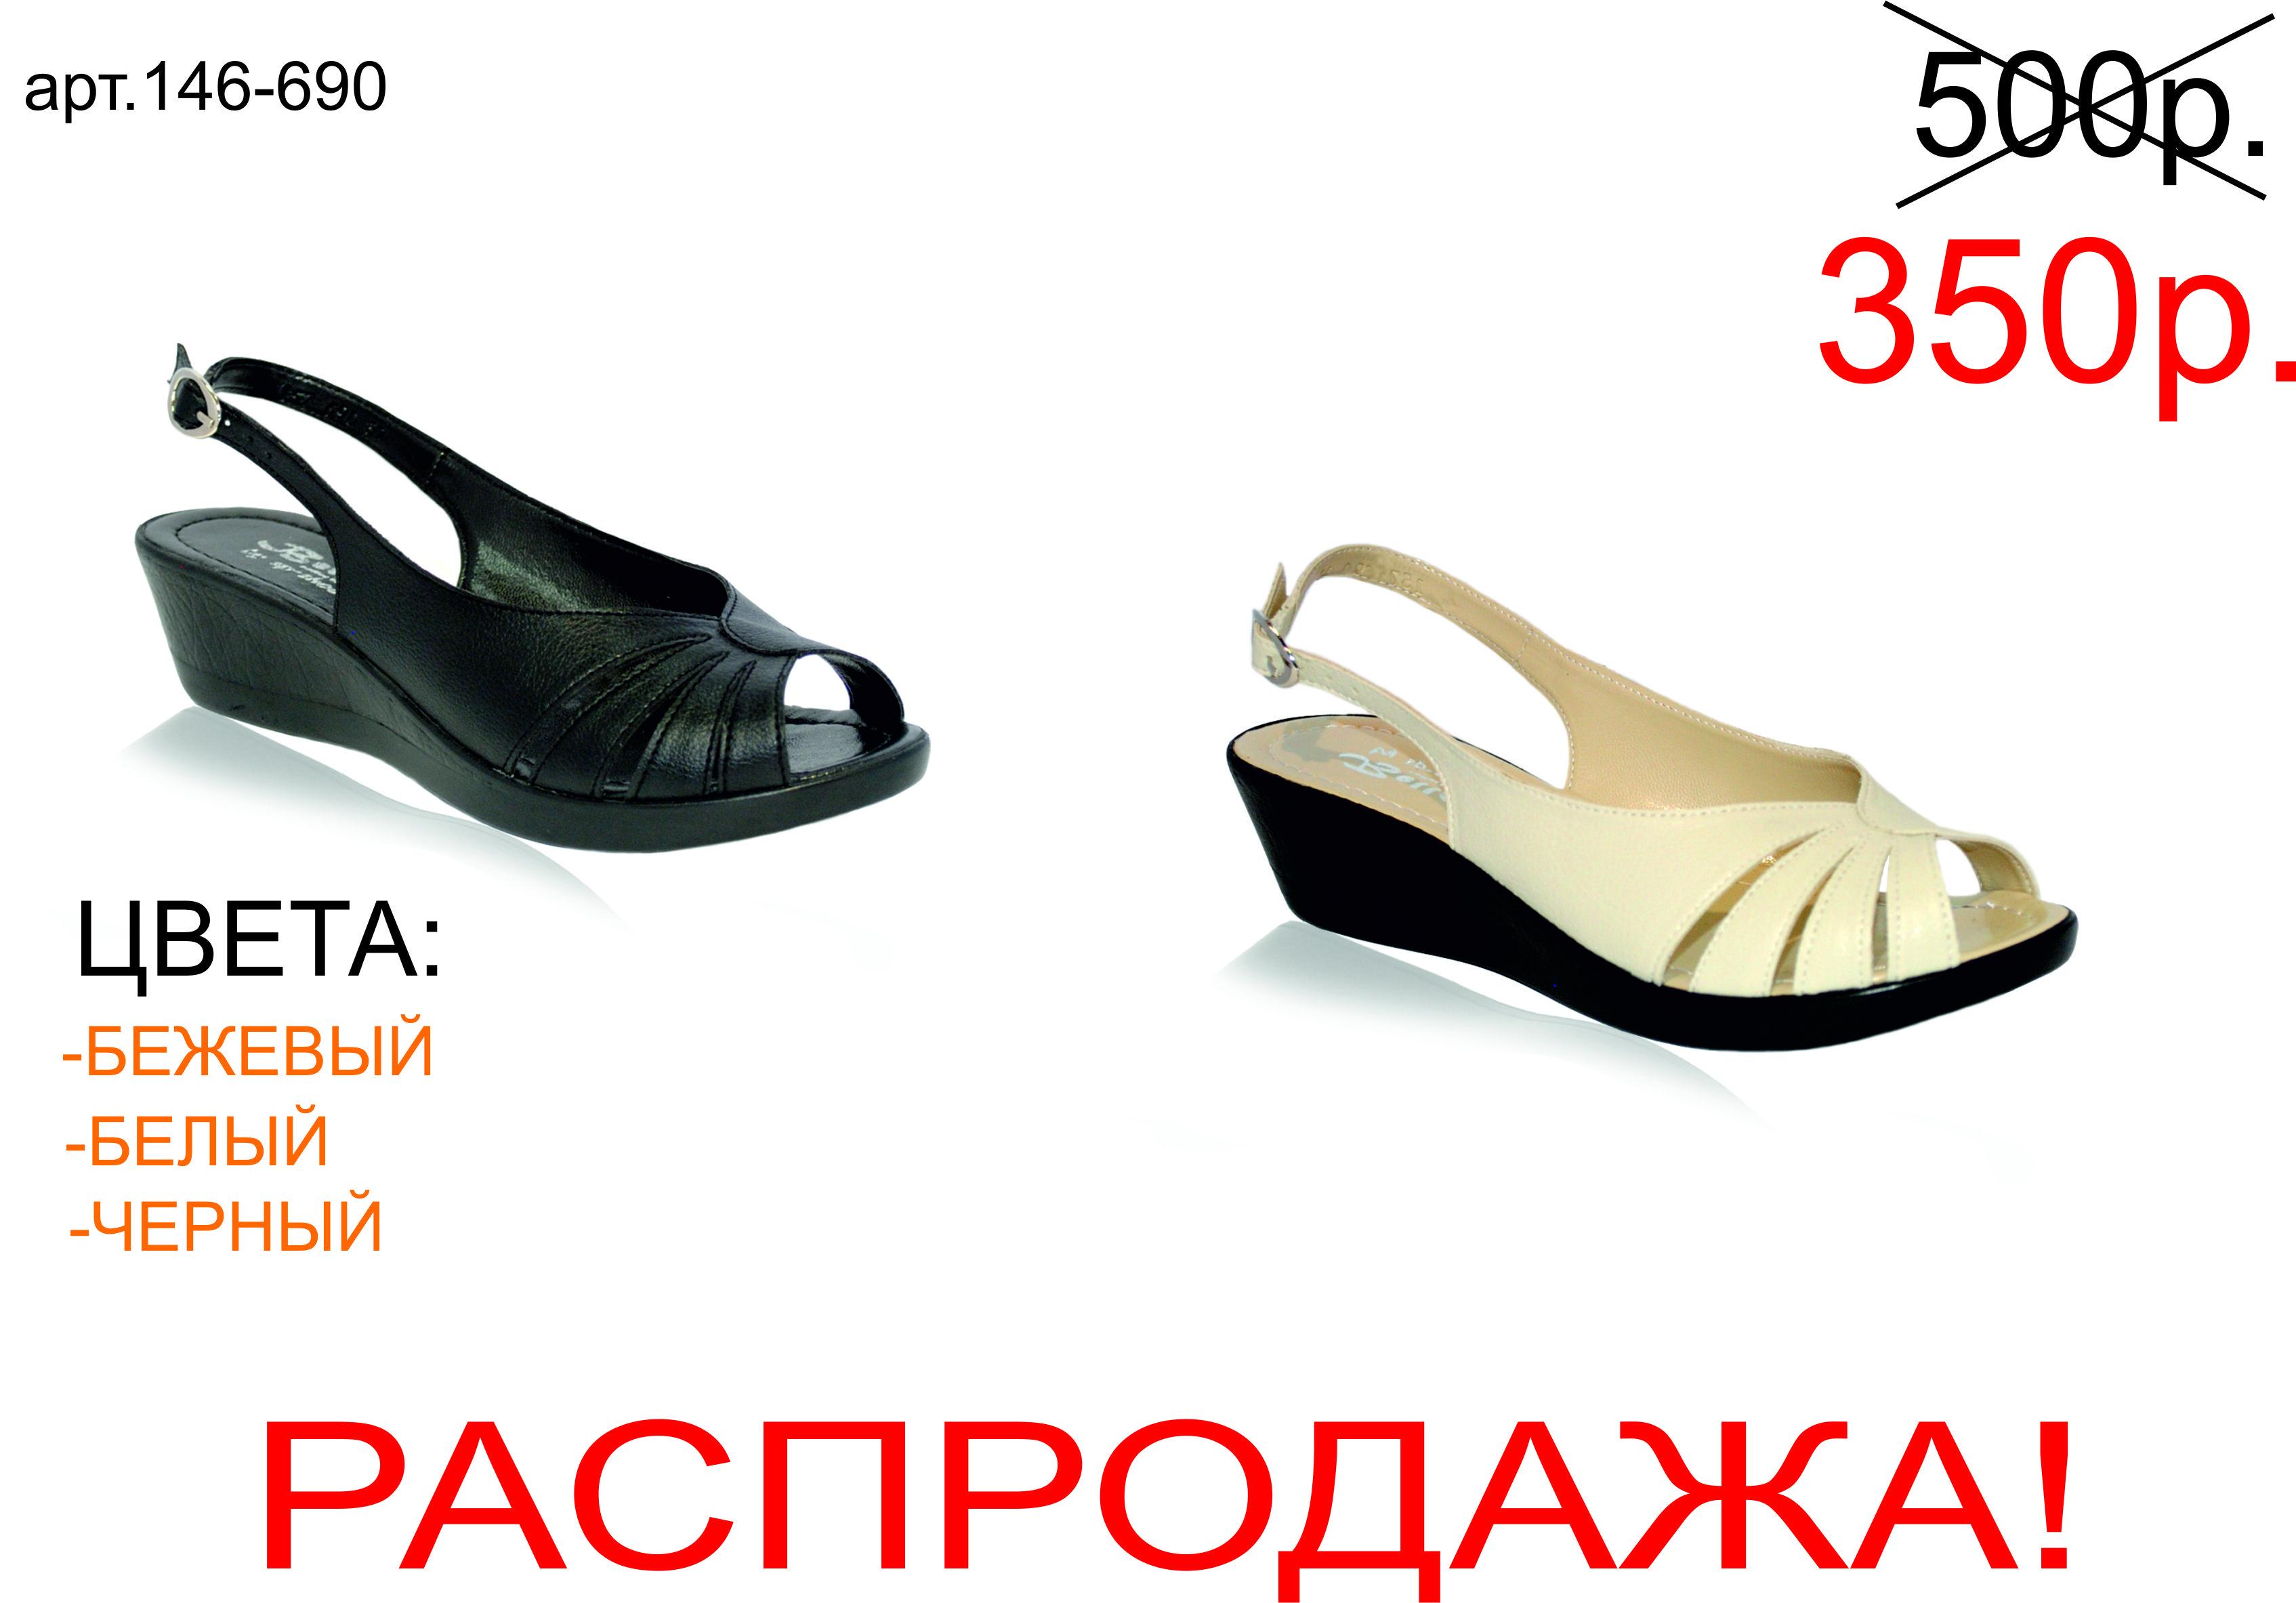 Сбор заказов. Ваши ножки, как с обложки. Женские босоножки - от 300 рублей!